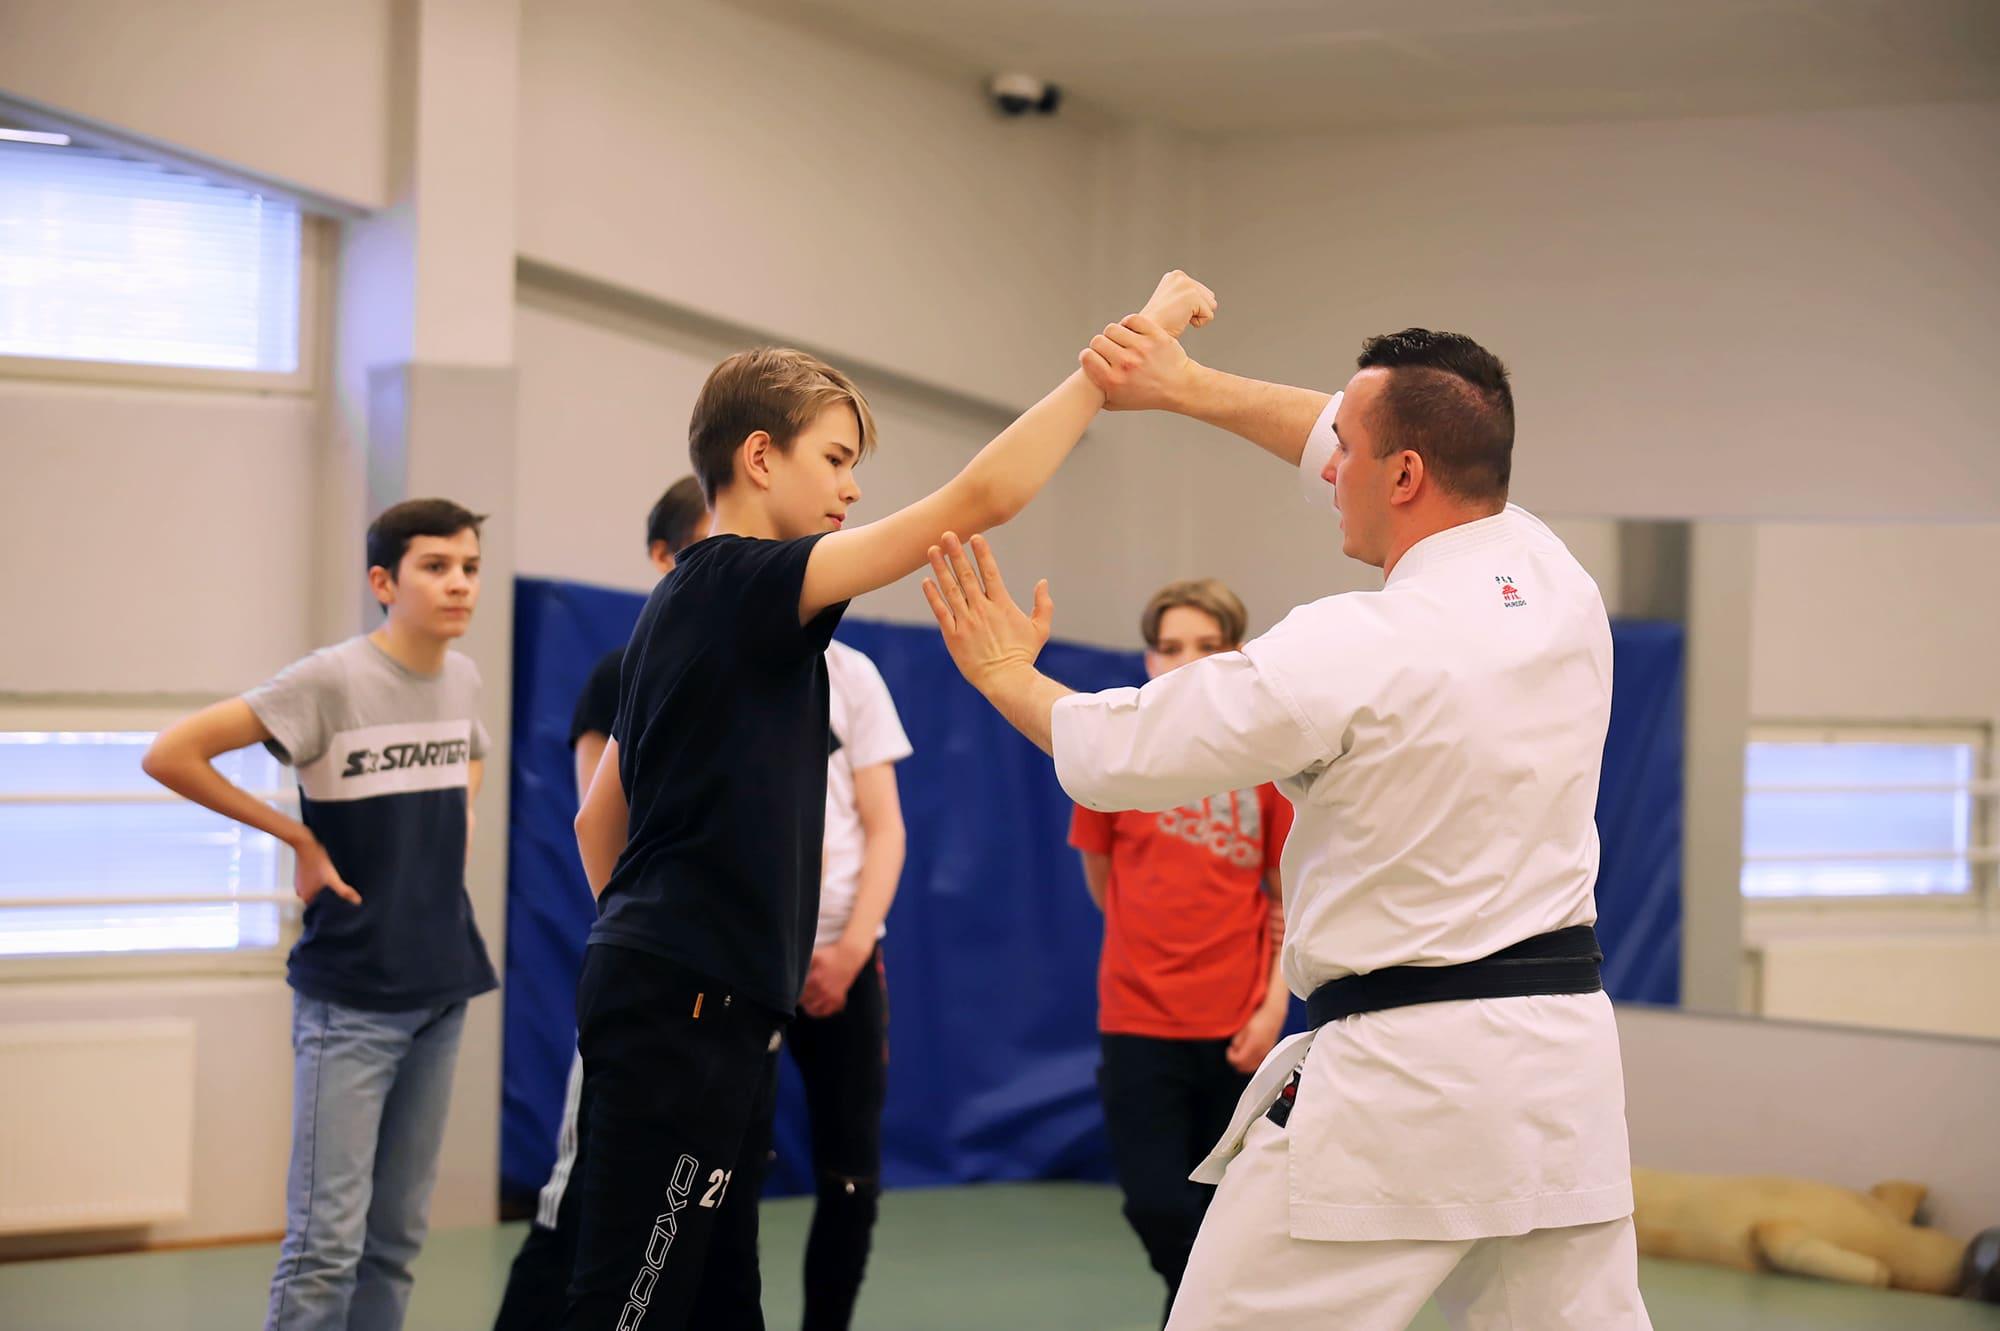 Kuvassa harjoitellaan itsepuolustusta joensuulaisessa normaalikoulussa.